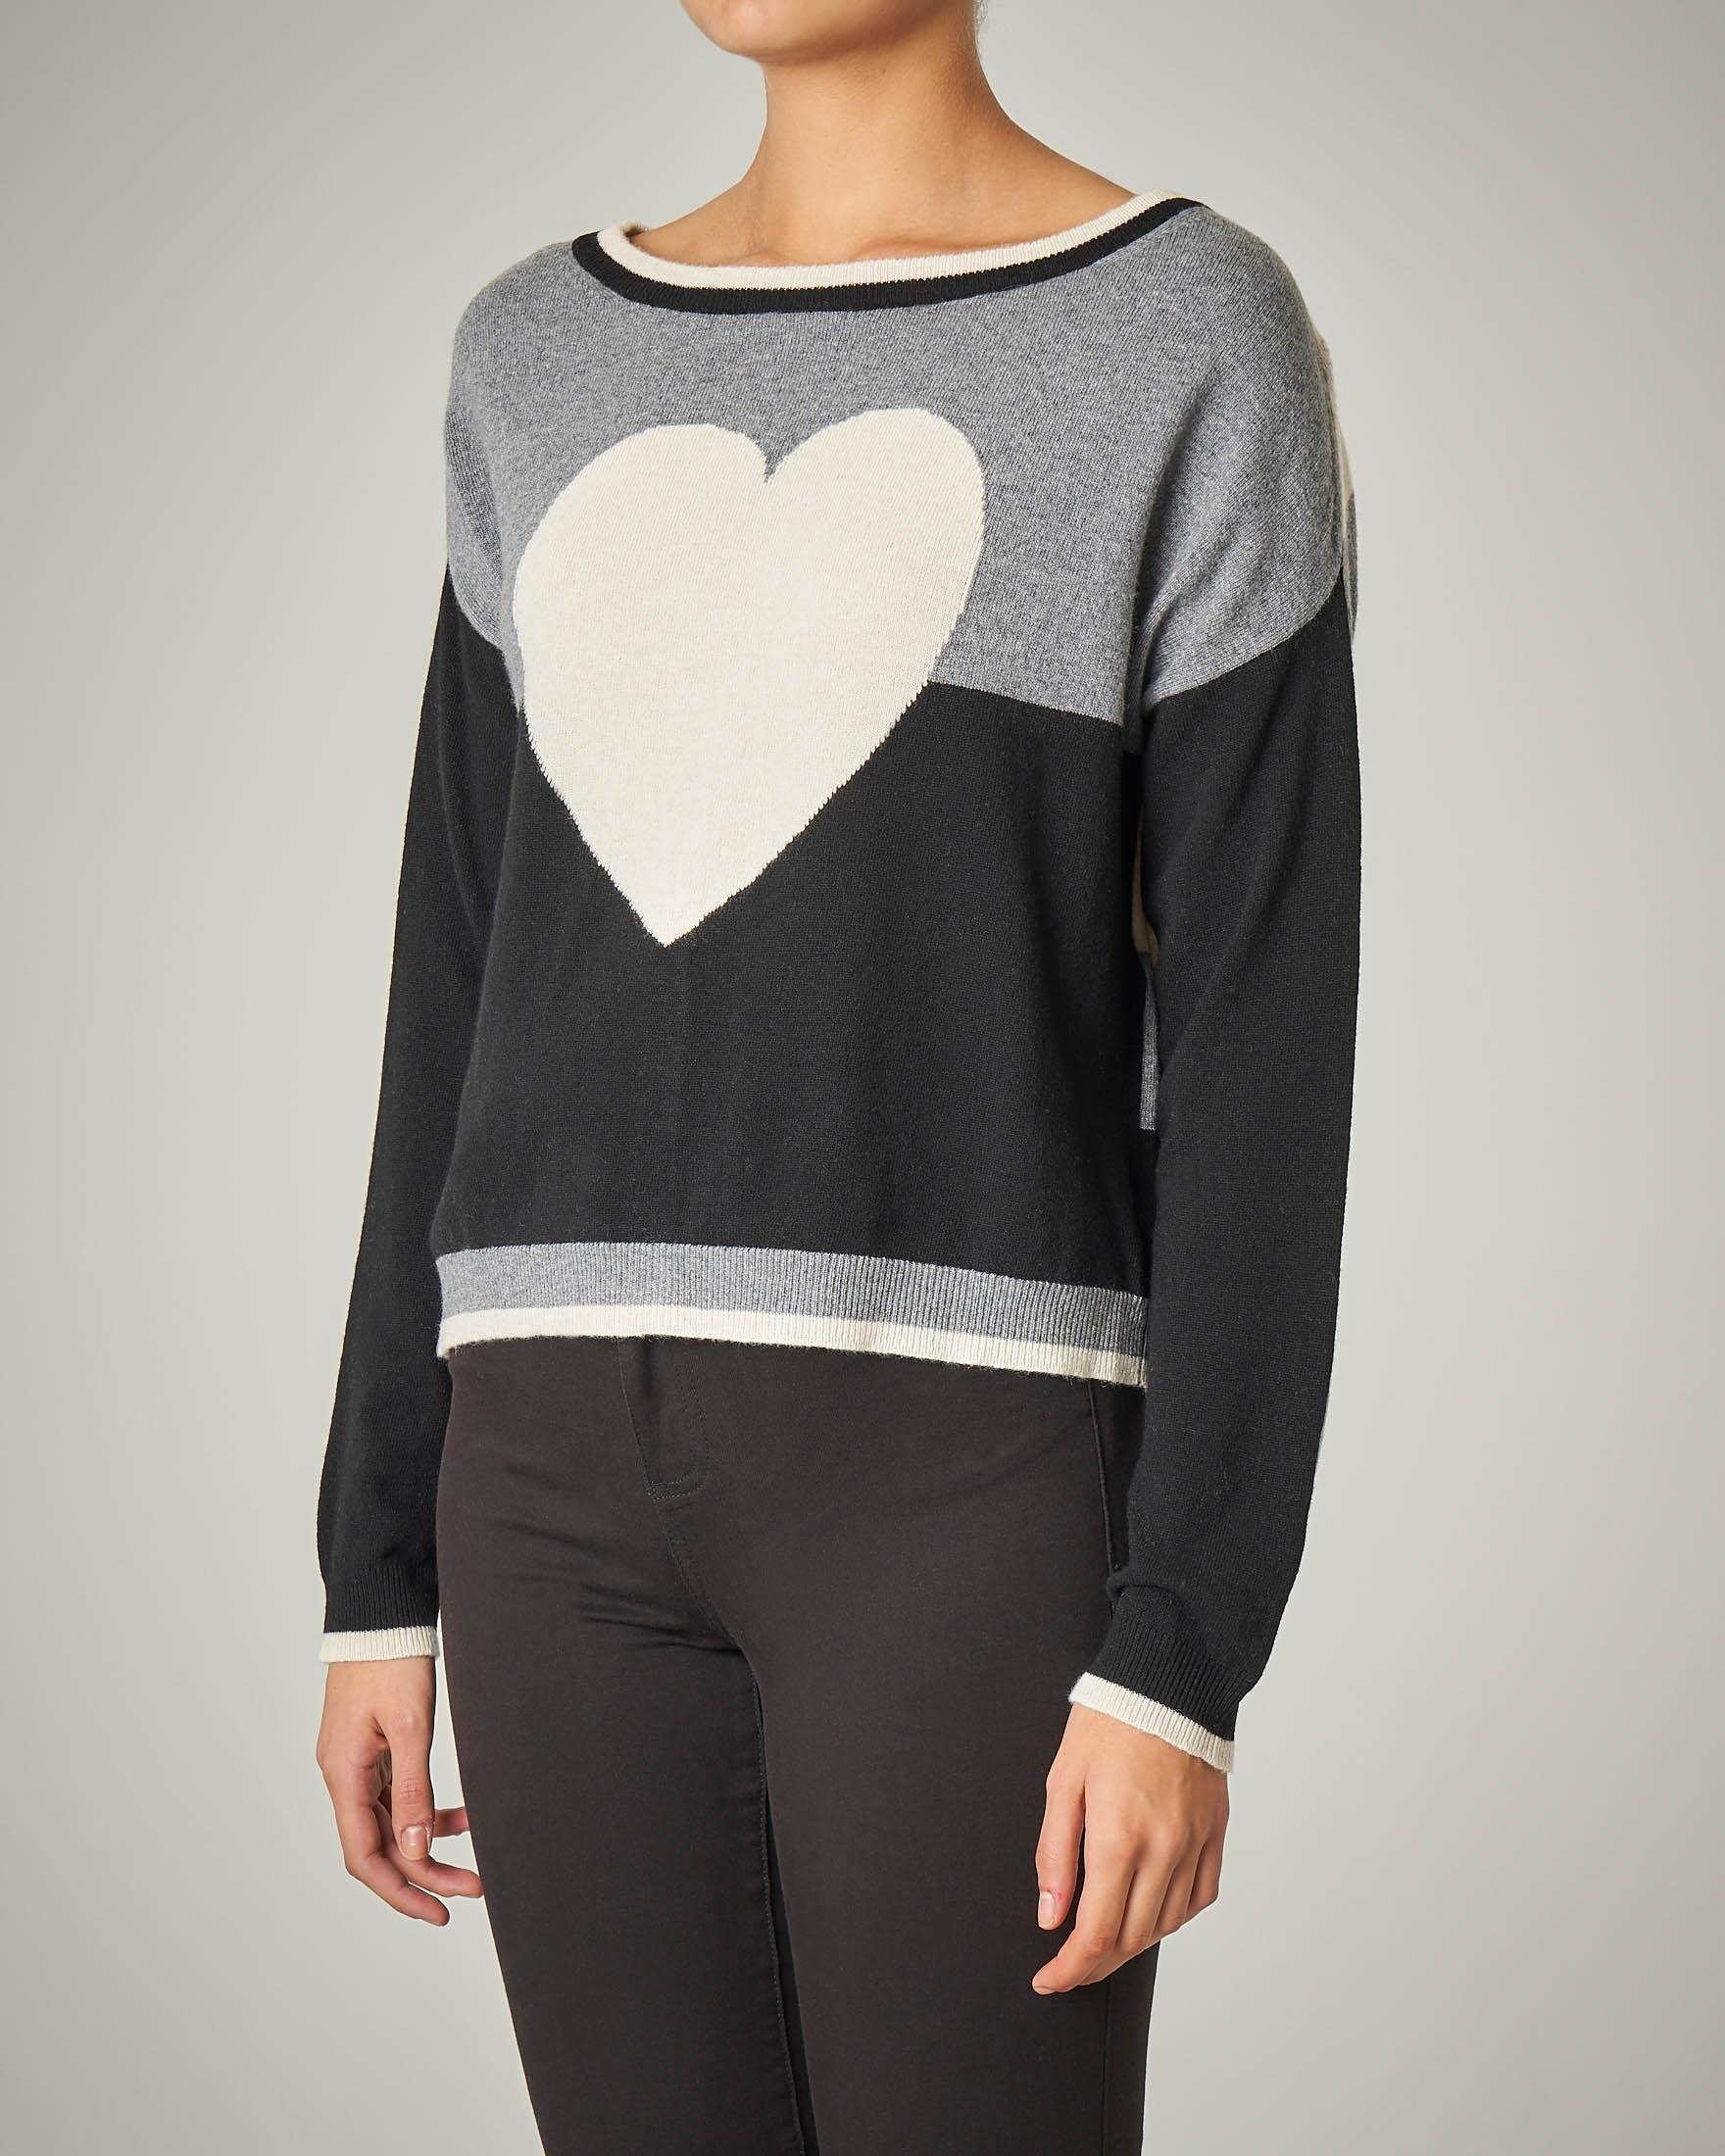 Maglia in lana misto cashmere a righe bianche e nere con ricamo a cuore